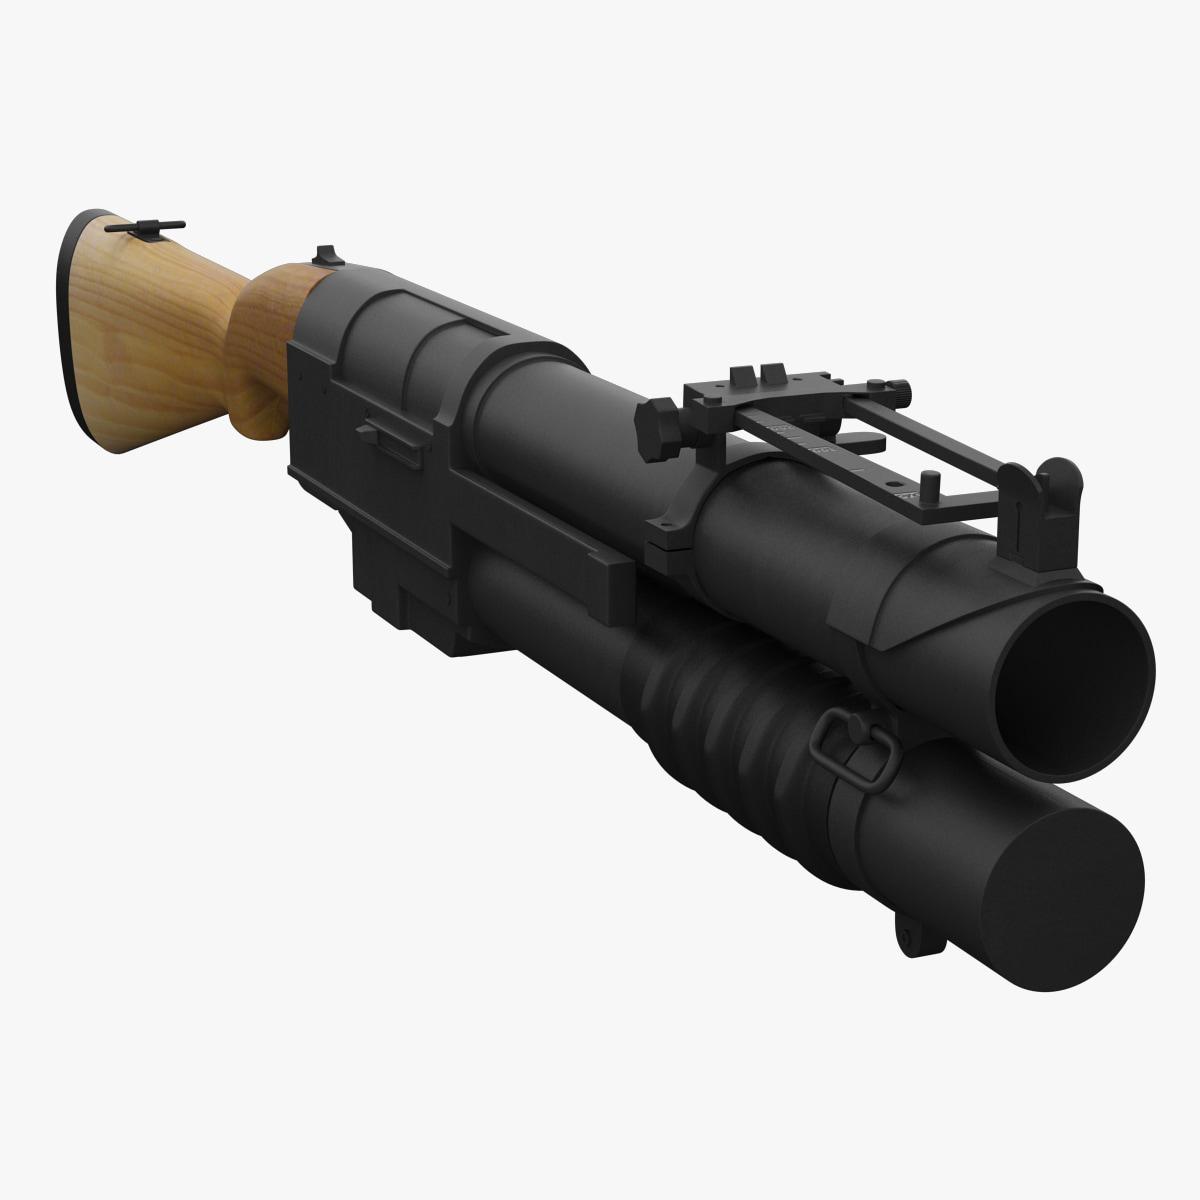 Grenade_Launcher_EX-41_247.jpg